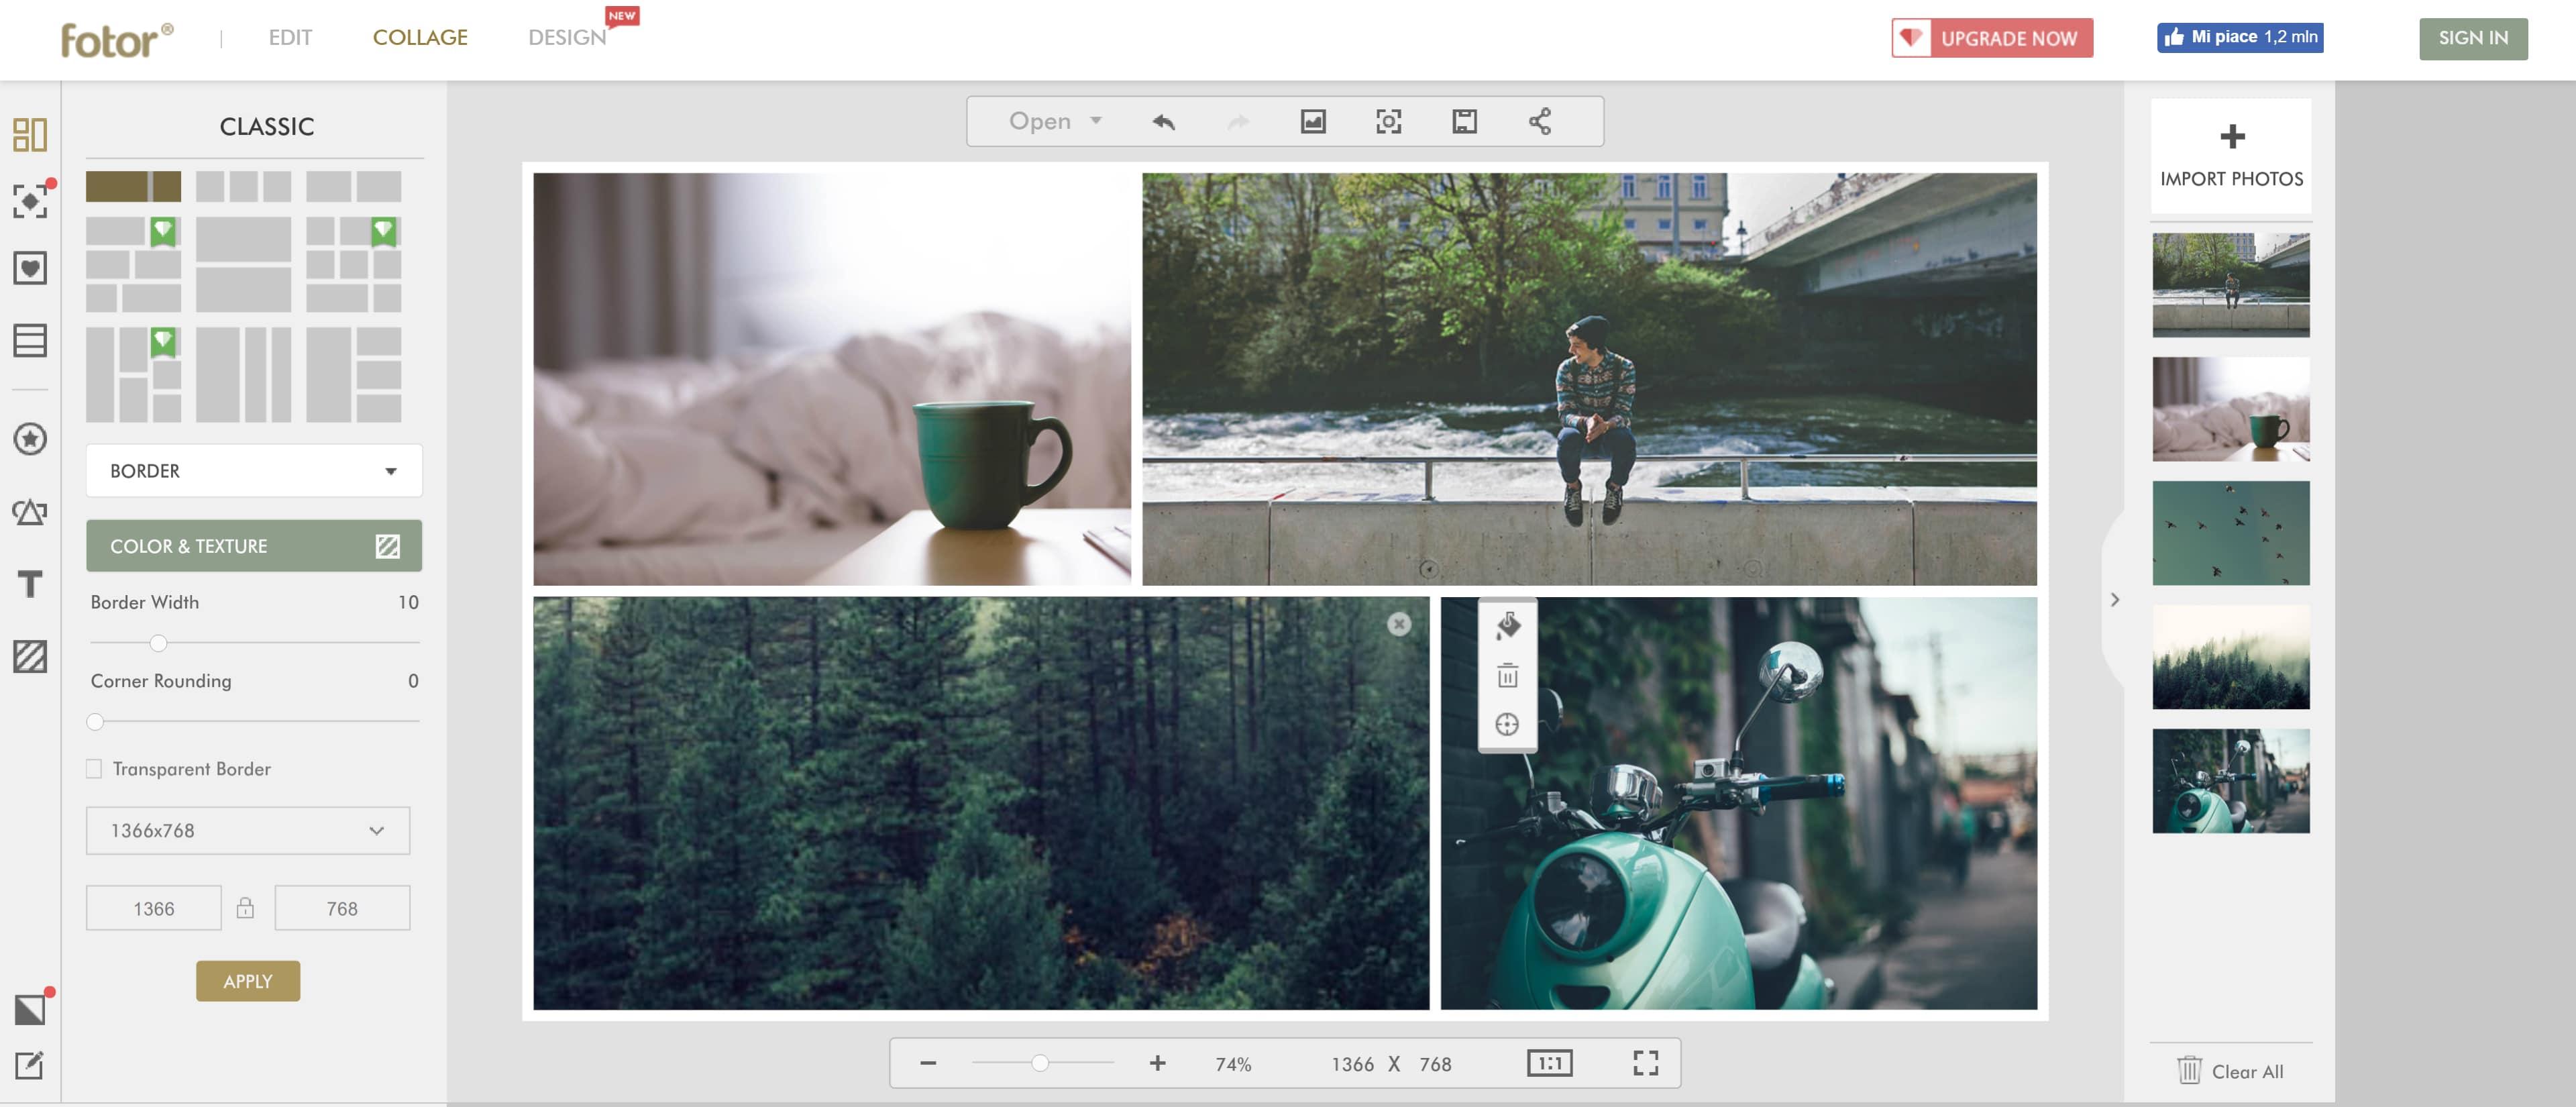 Migliori Siti Per Fare Collage Di Foto Wizblog